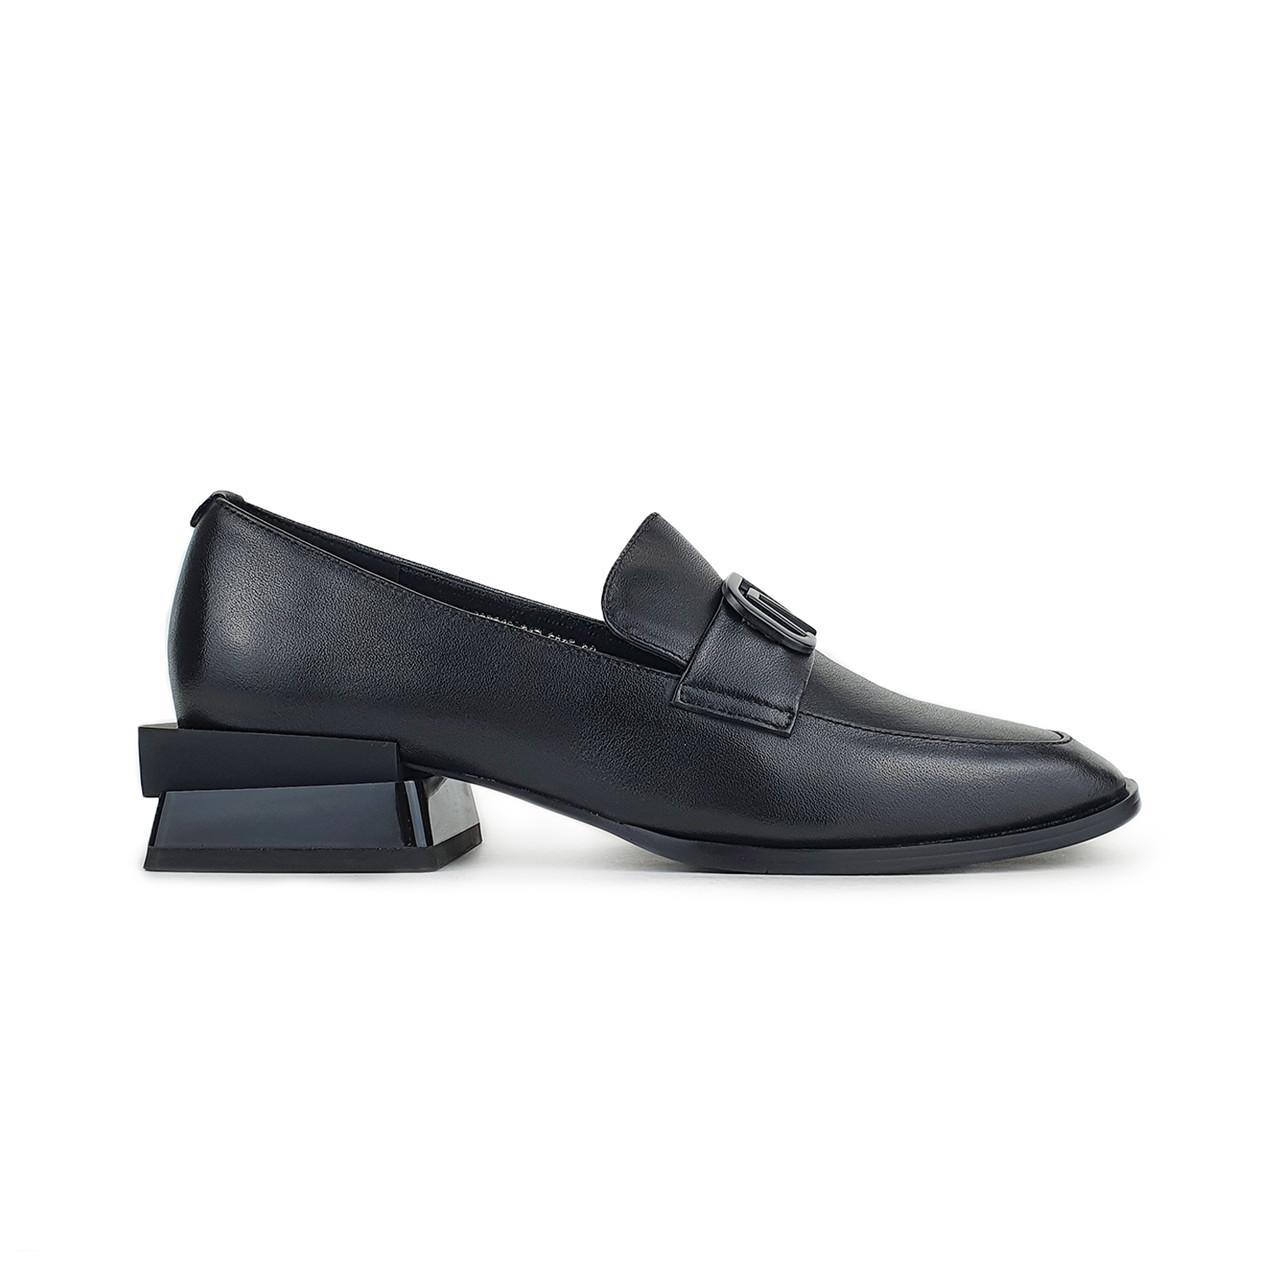 Стильные женские лоферы черного цвета на не высоком каблуке